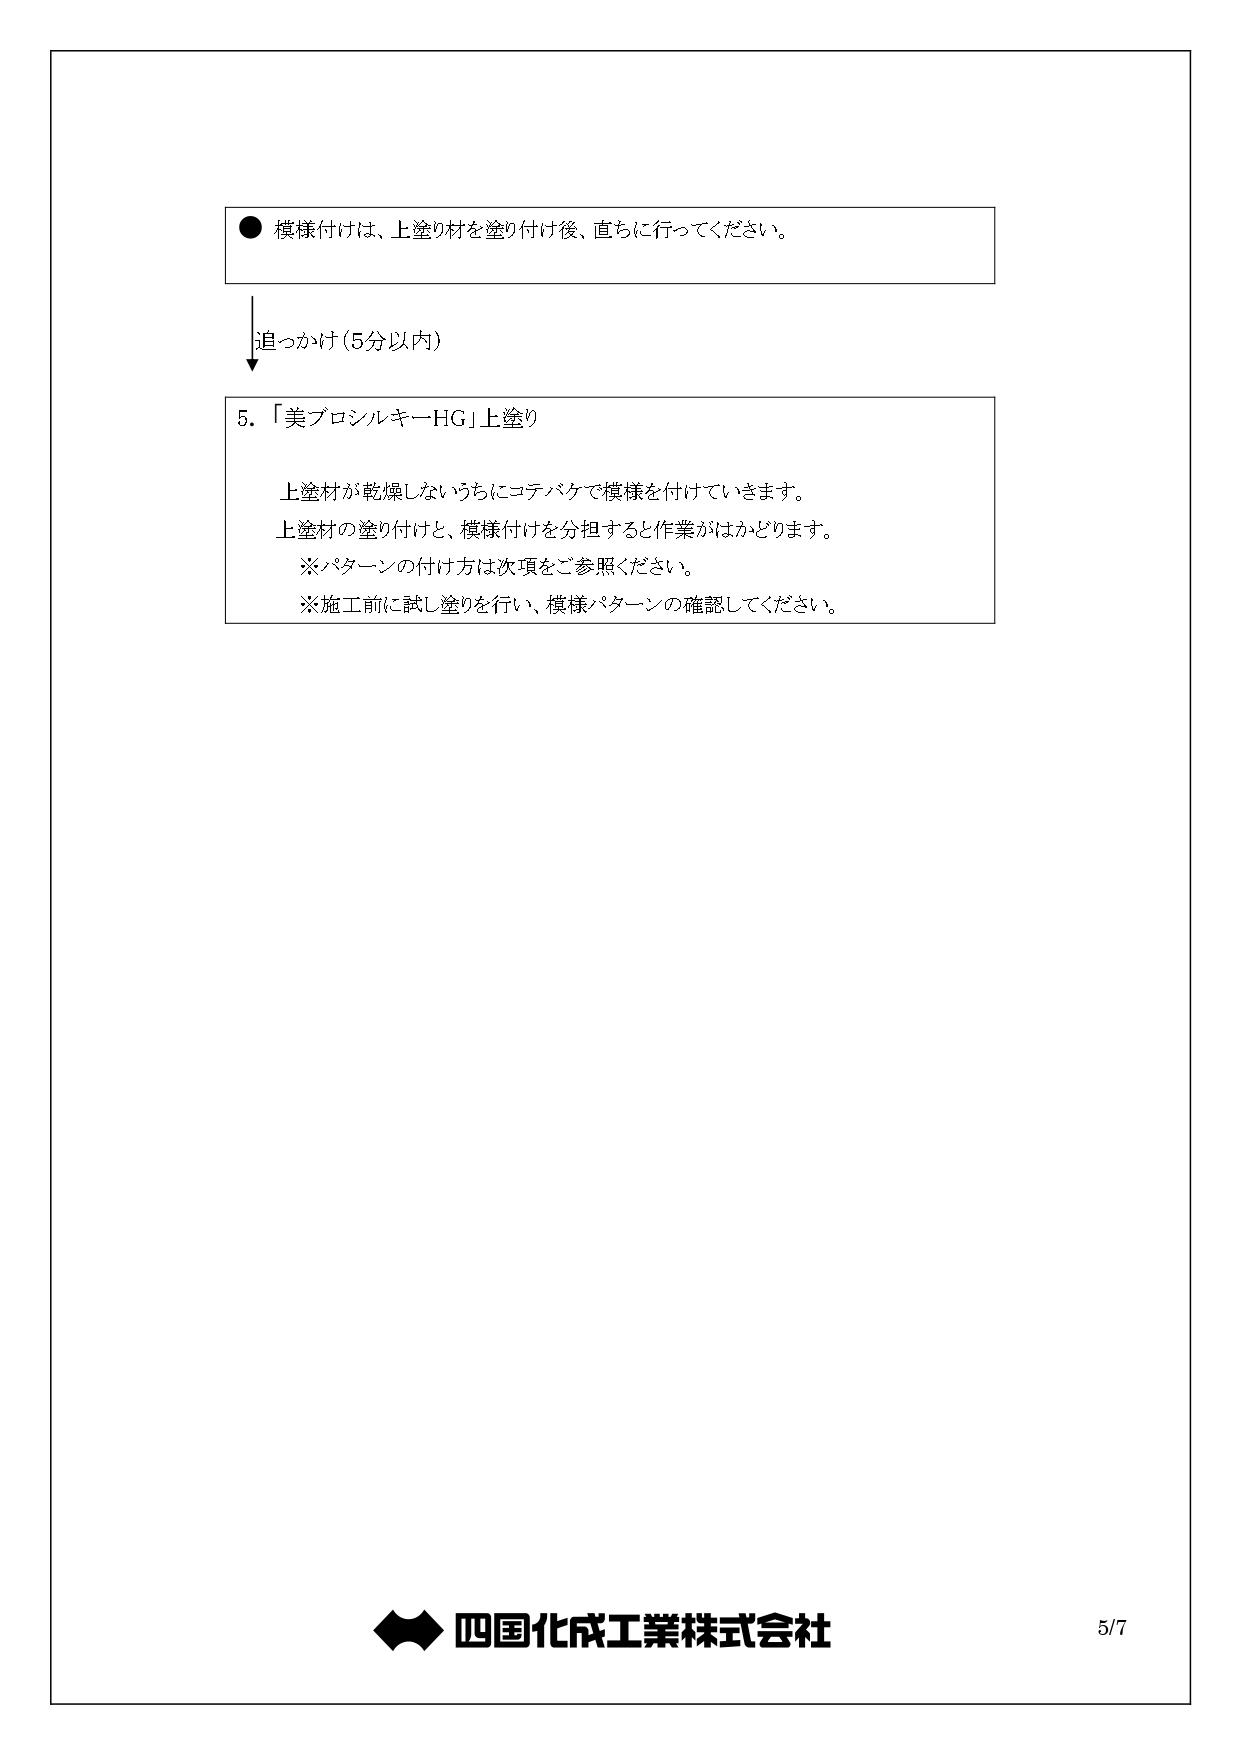 美ブロシルキーHG コテバケ仕上げ 施工説明書_page-0005